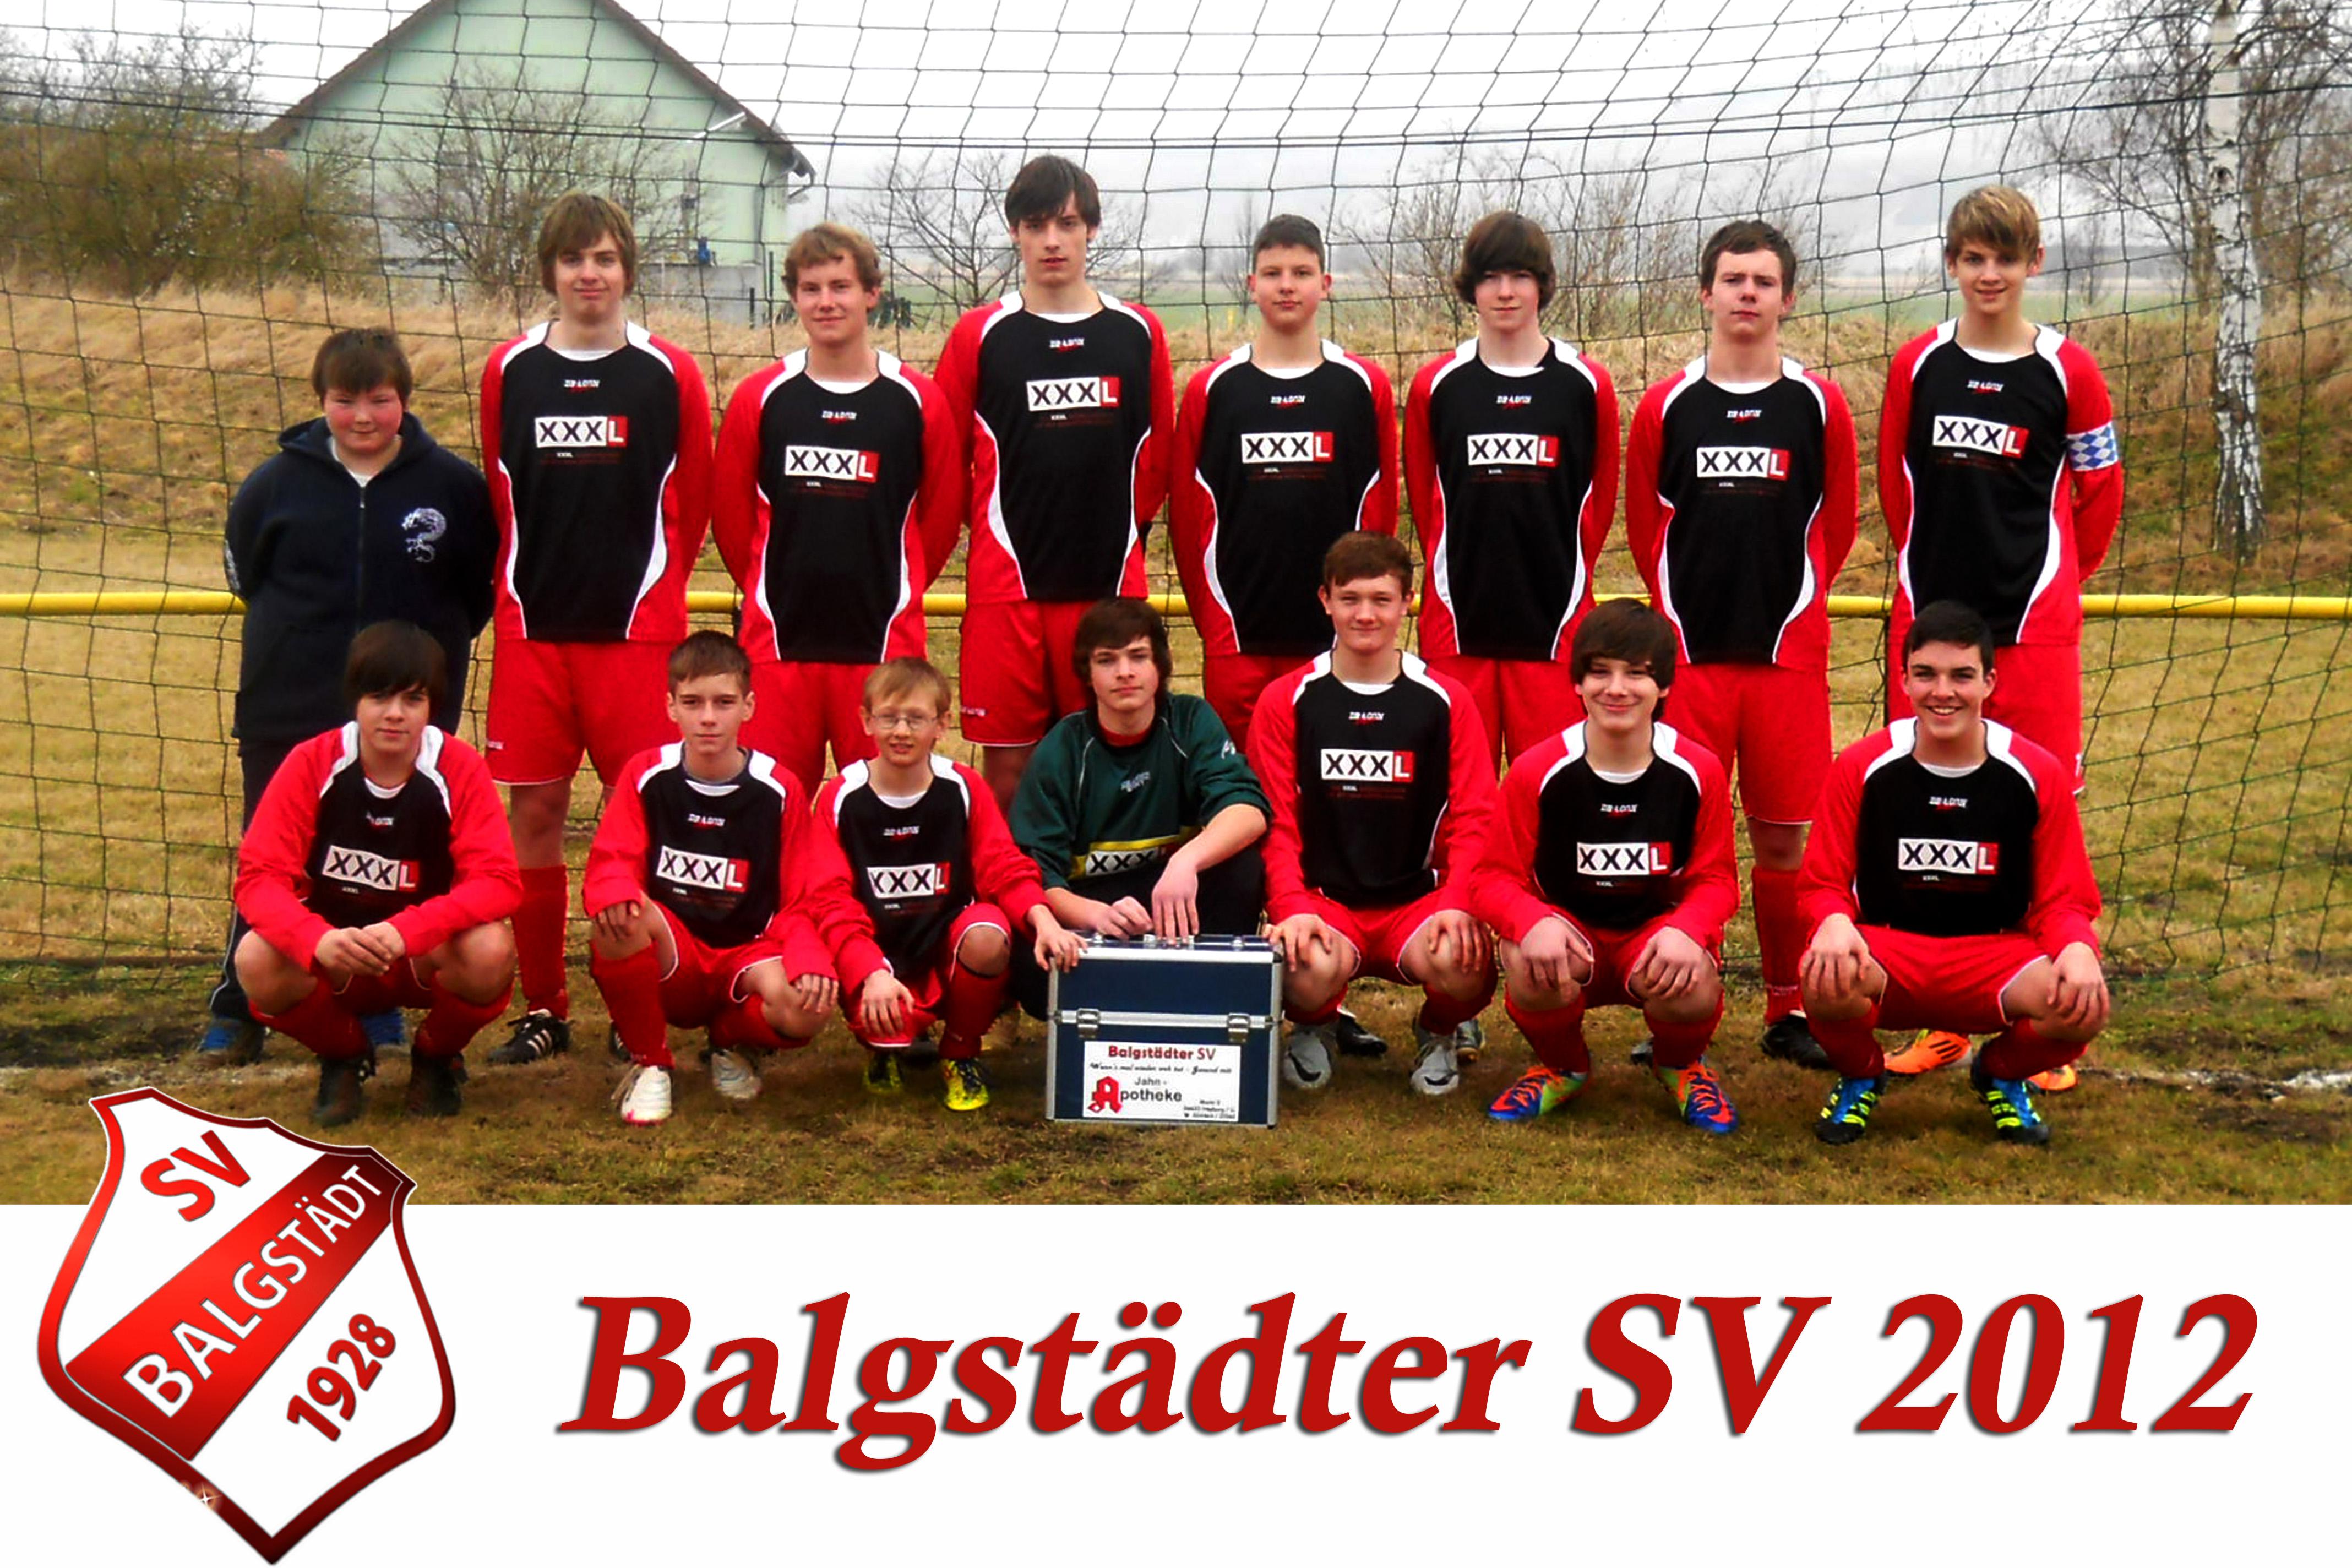 Mannschaftsfoto/Teamfoto von Balgstädter SV